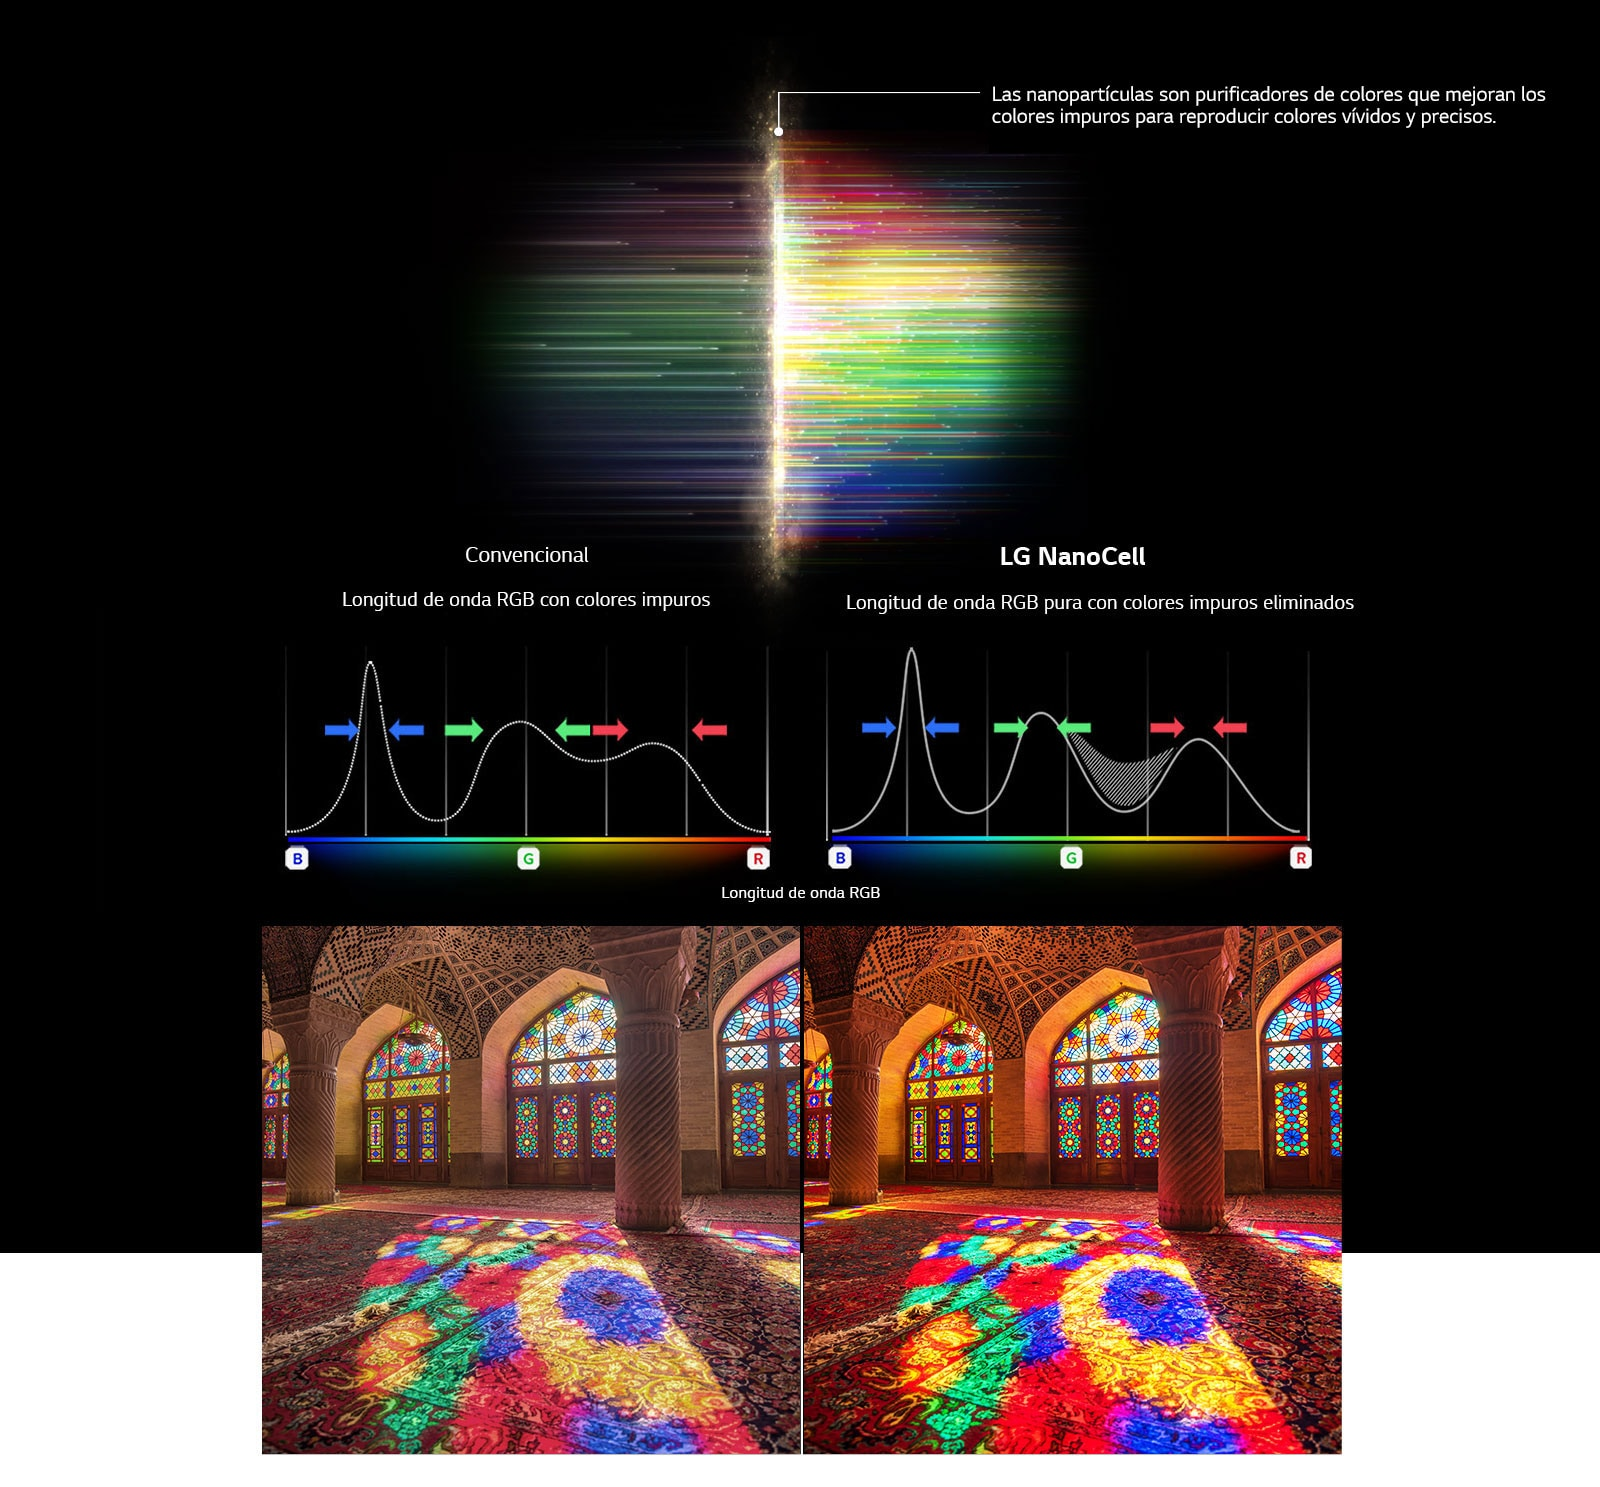 El gráfico de espectro RGB que muestra filtrar colores opacos e imágenes que comparan la pureza del color entre la tecnología convencional y la tecnología NanoCell.